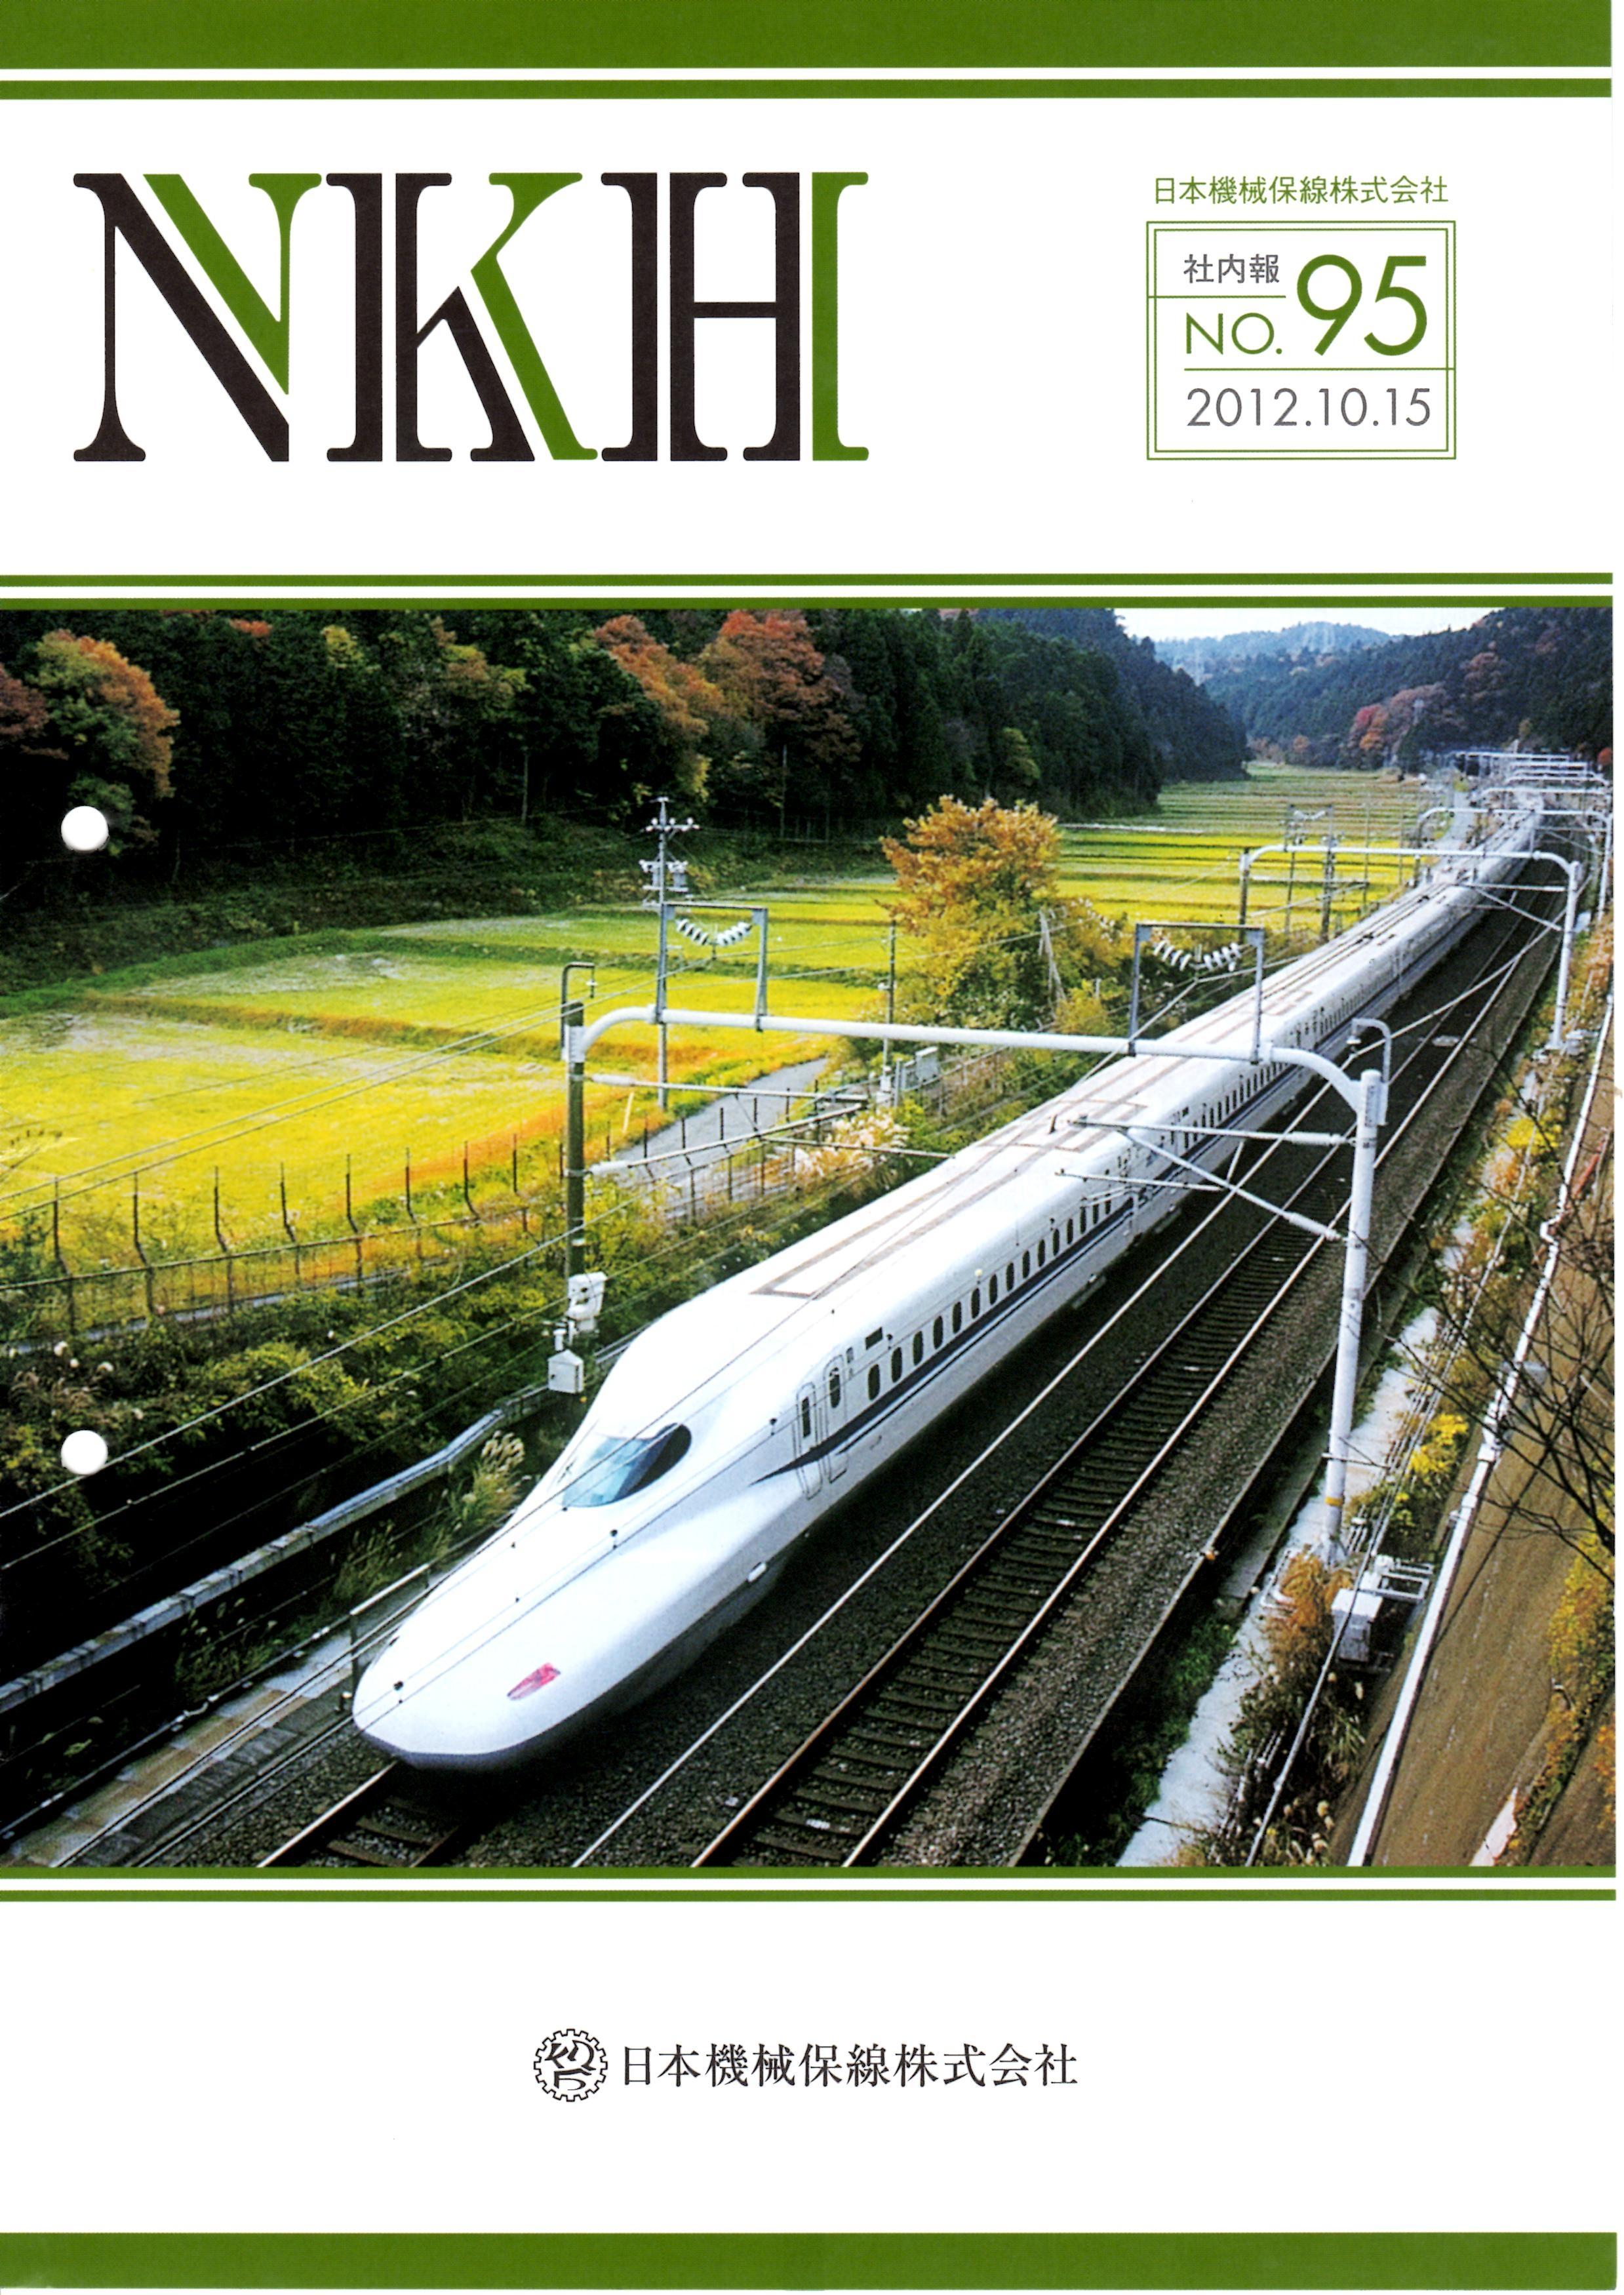 NKH95.jpg